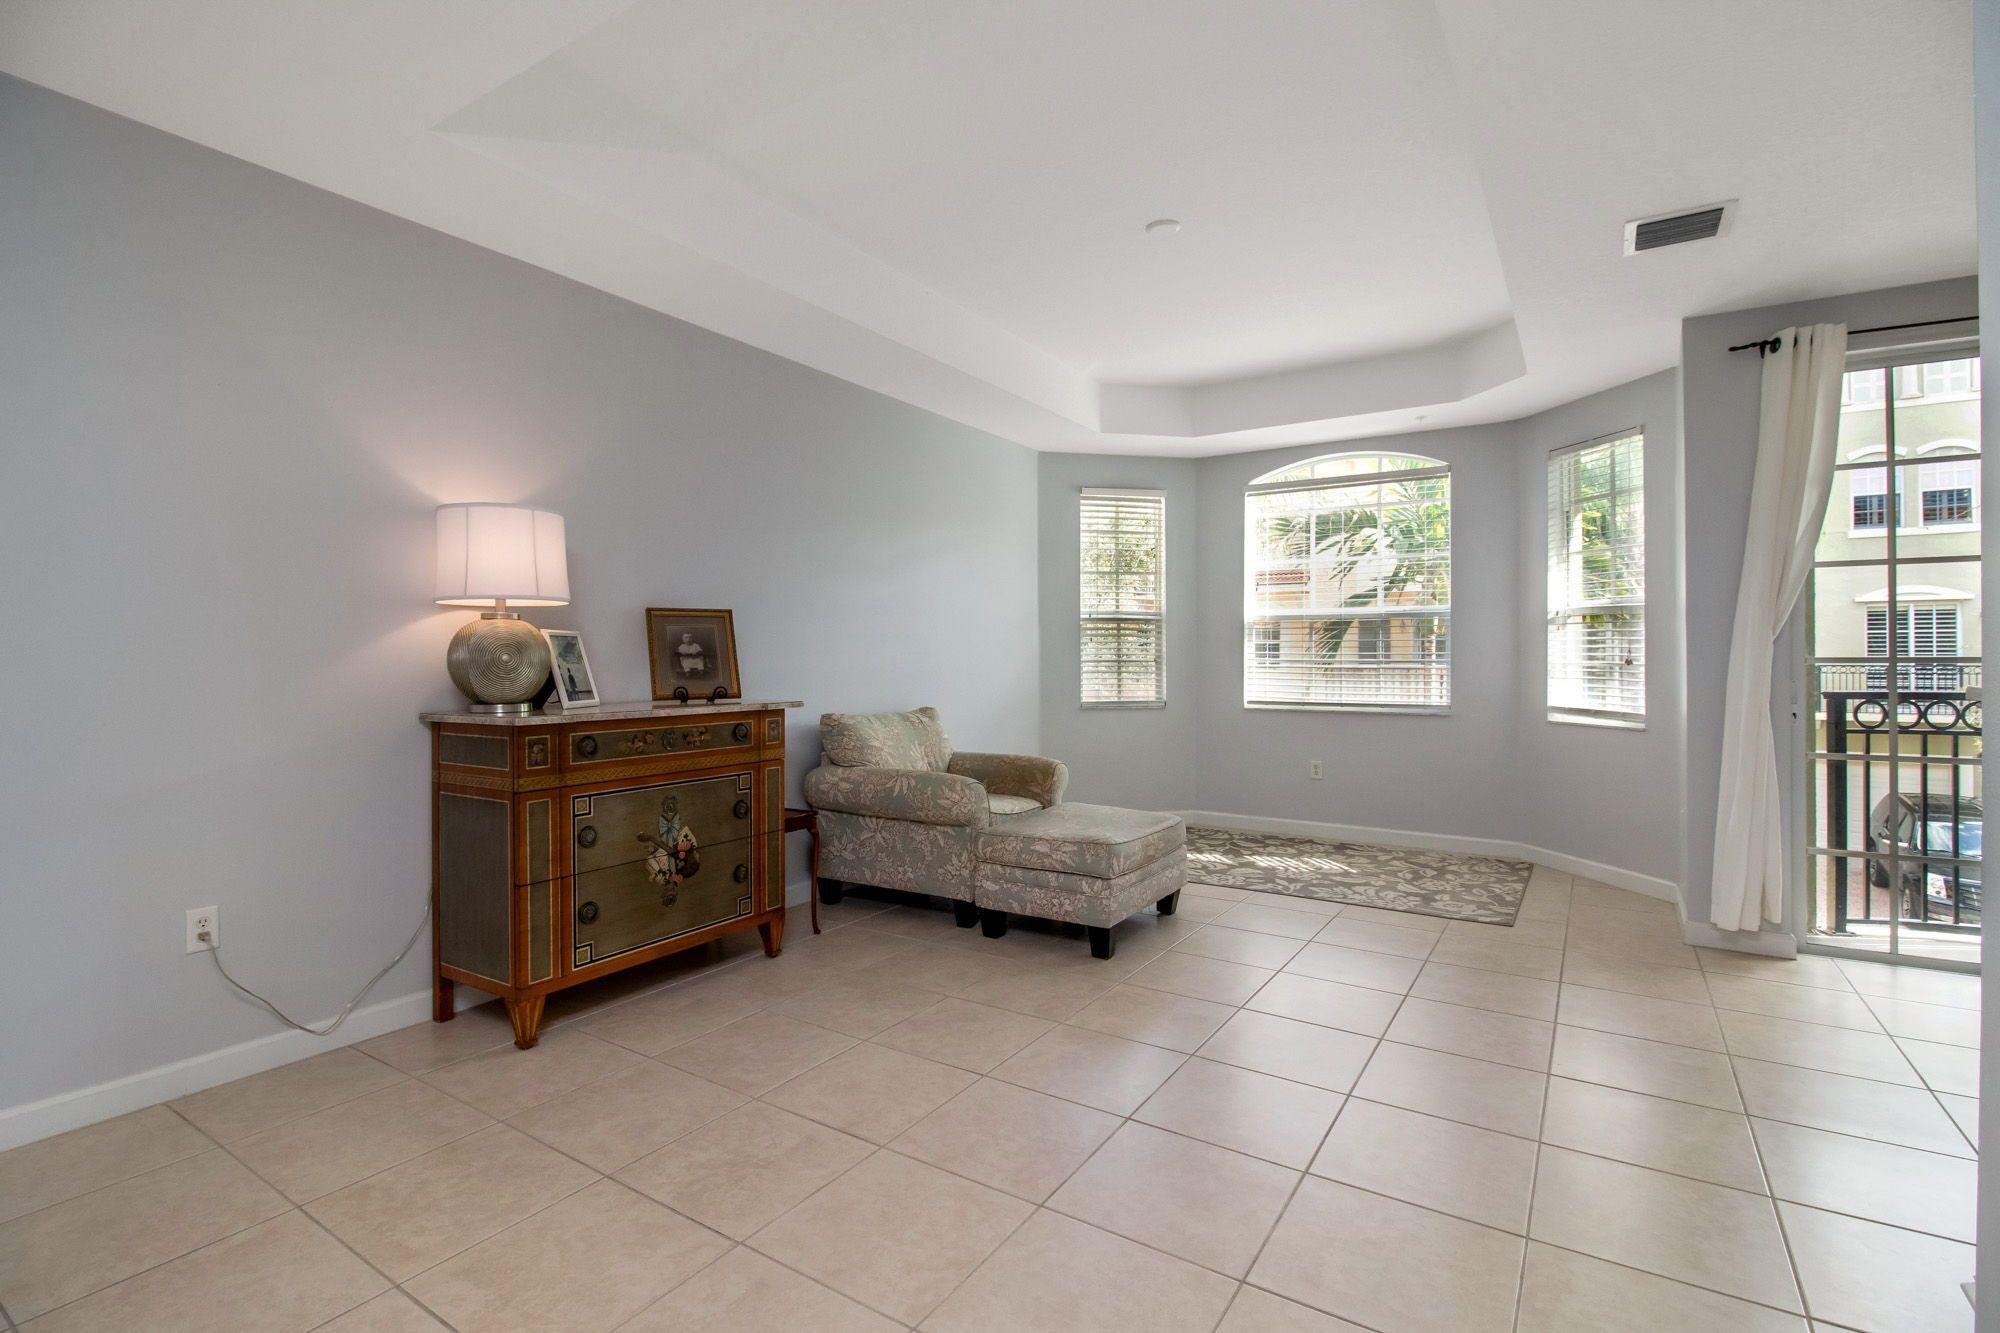 d6cf03ab96ad38684e8f5b60dcc3da52 - Rooms For Rent Palm Beach Gardens Fl